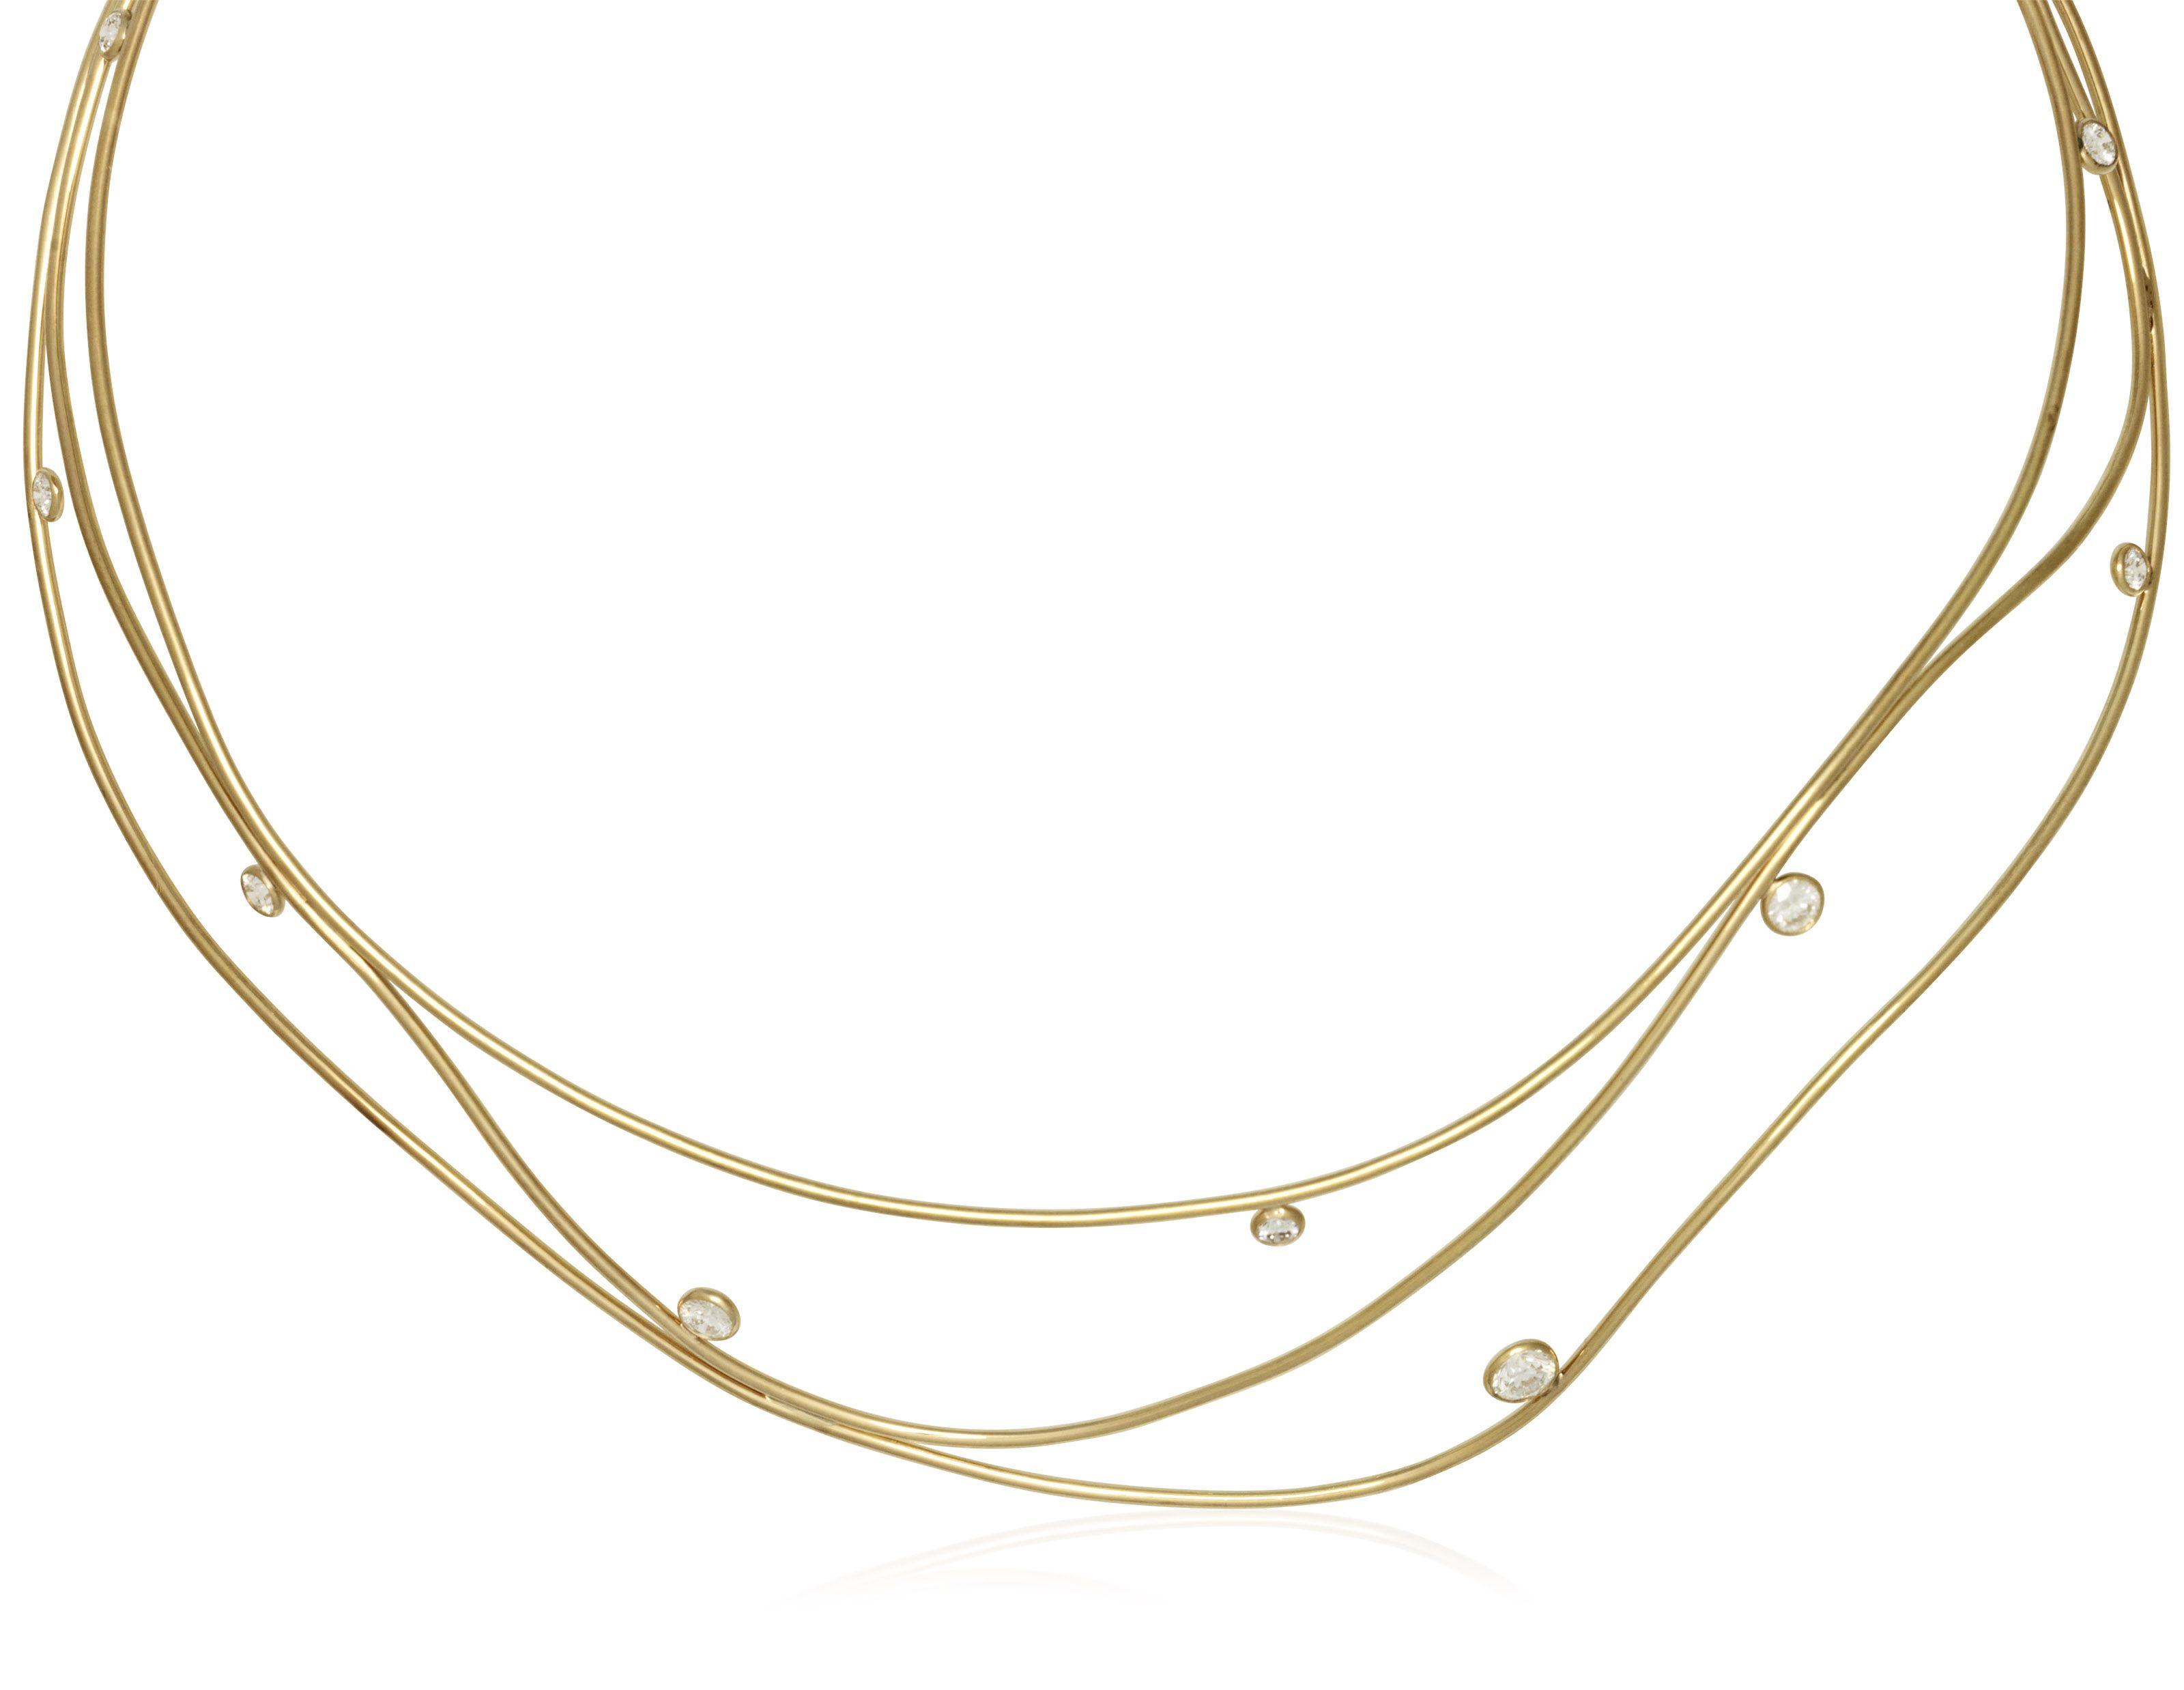 64b9849bcd802 Tiffany & co. elsa peretti